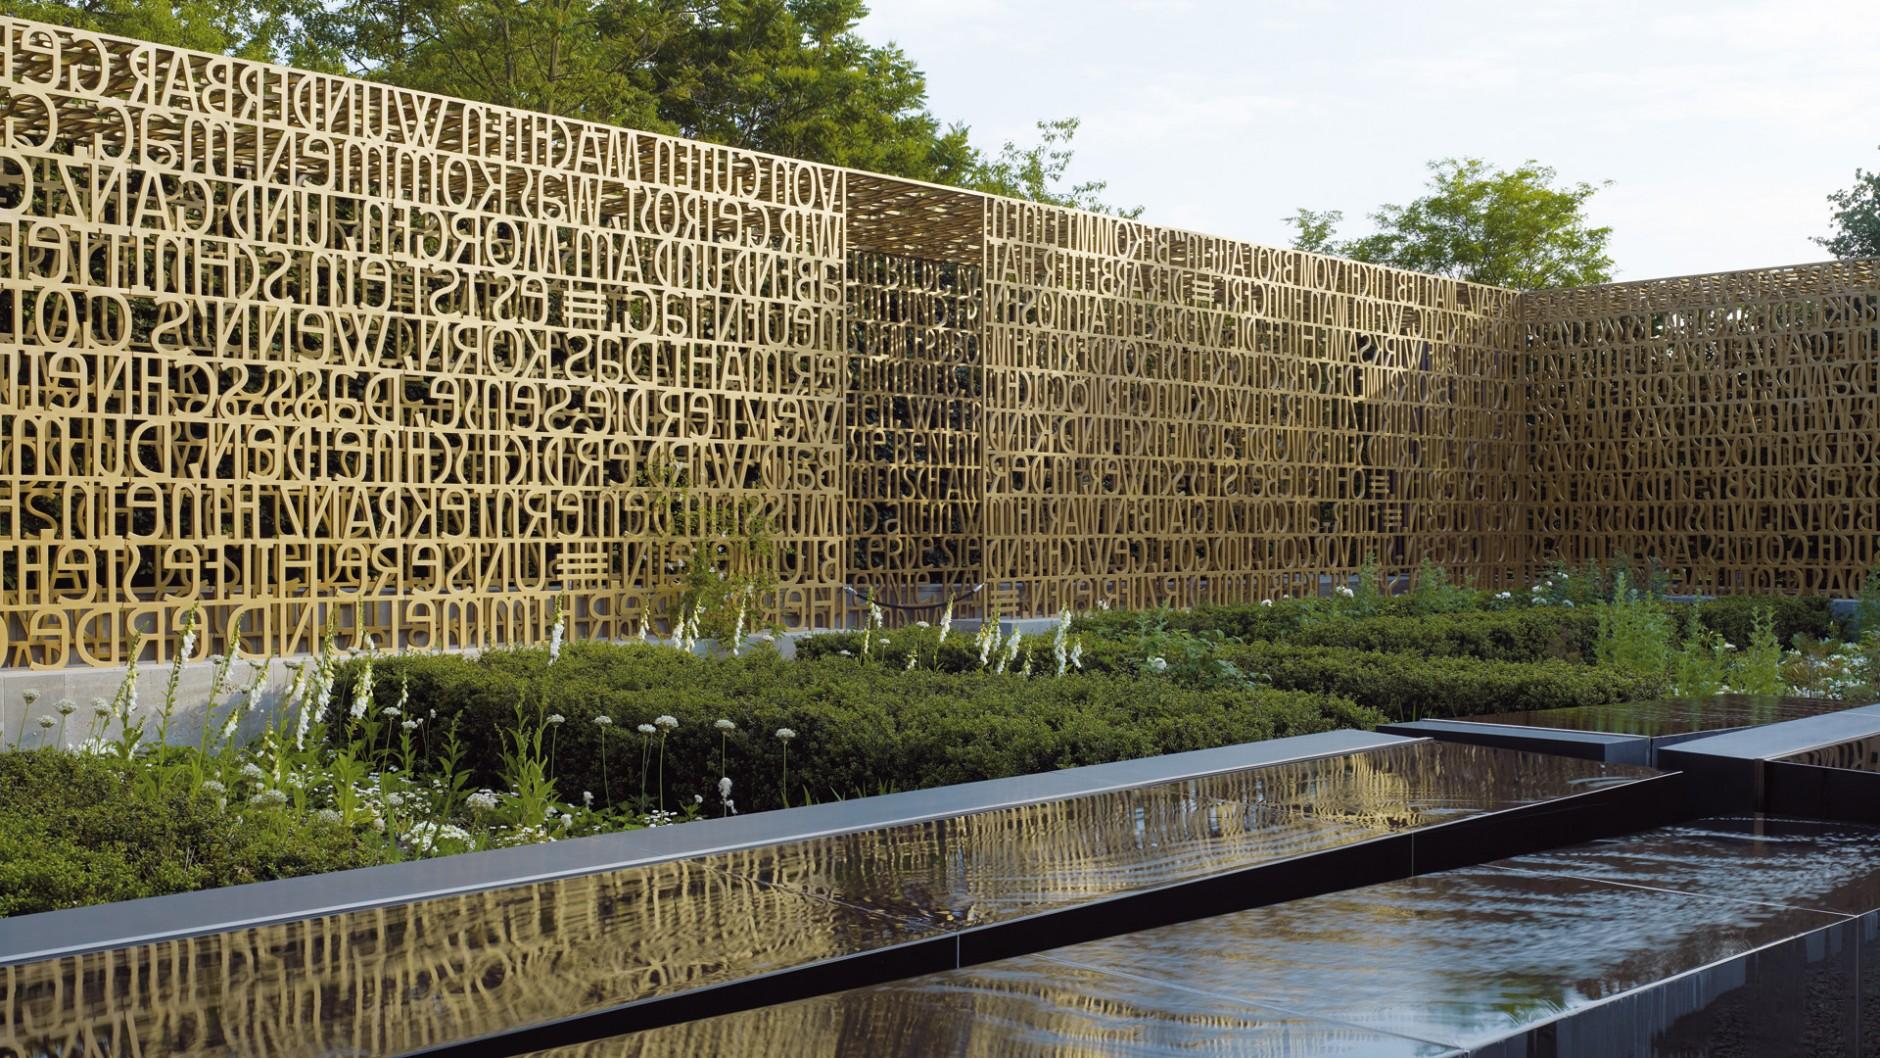 Kategorie Raum/Architektur: Der geschriebene Garten; Kunde: Land Berlin vertreten durch die Grün BErlin GmbH Land Berlin; Einsender: relais Landschaftsarchitekten